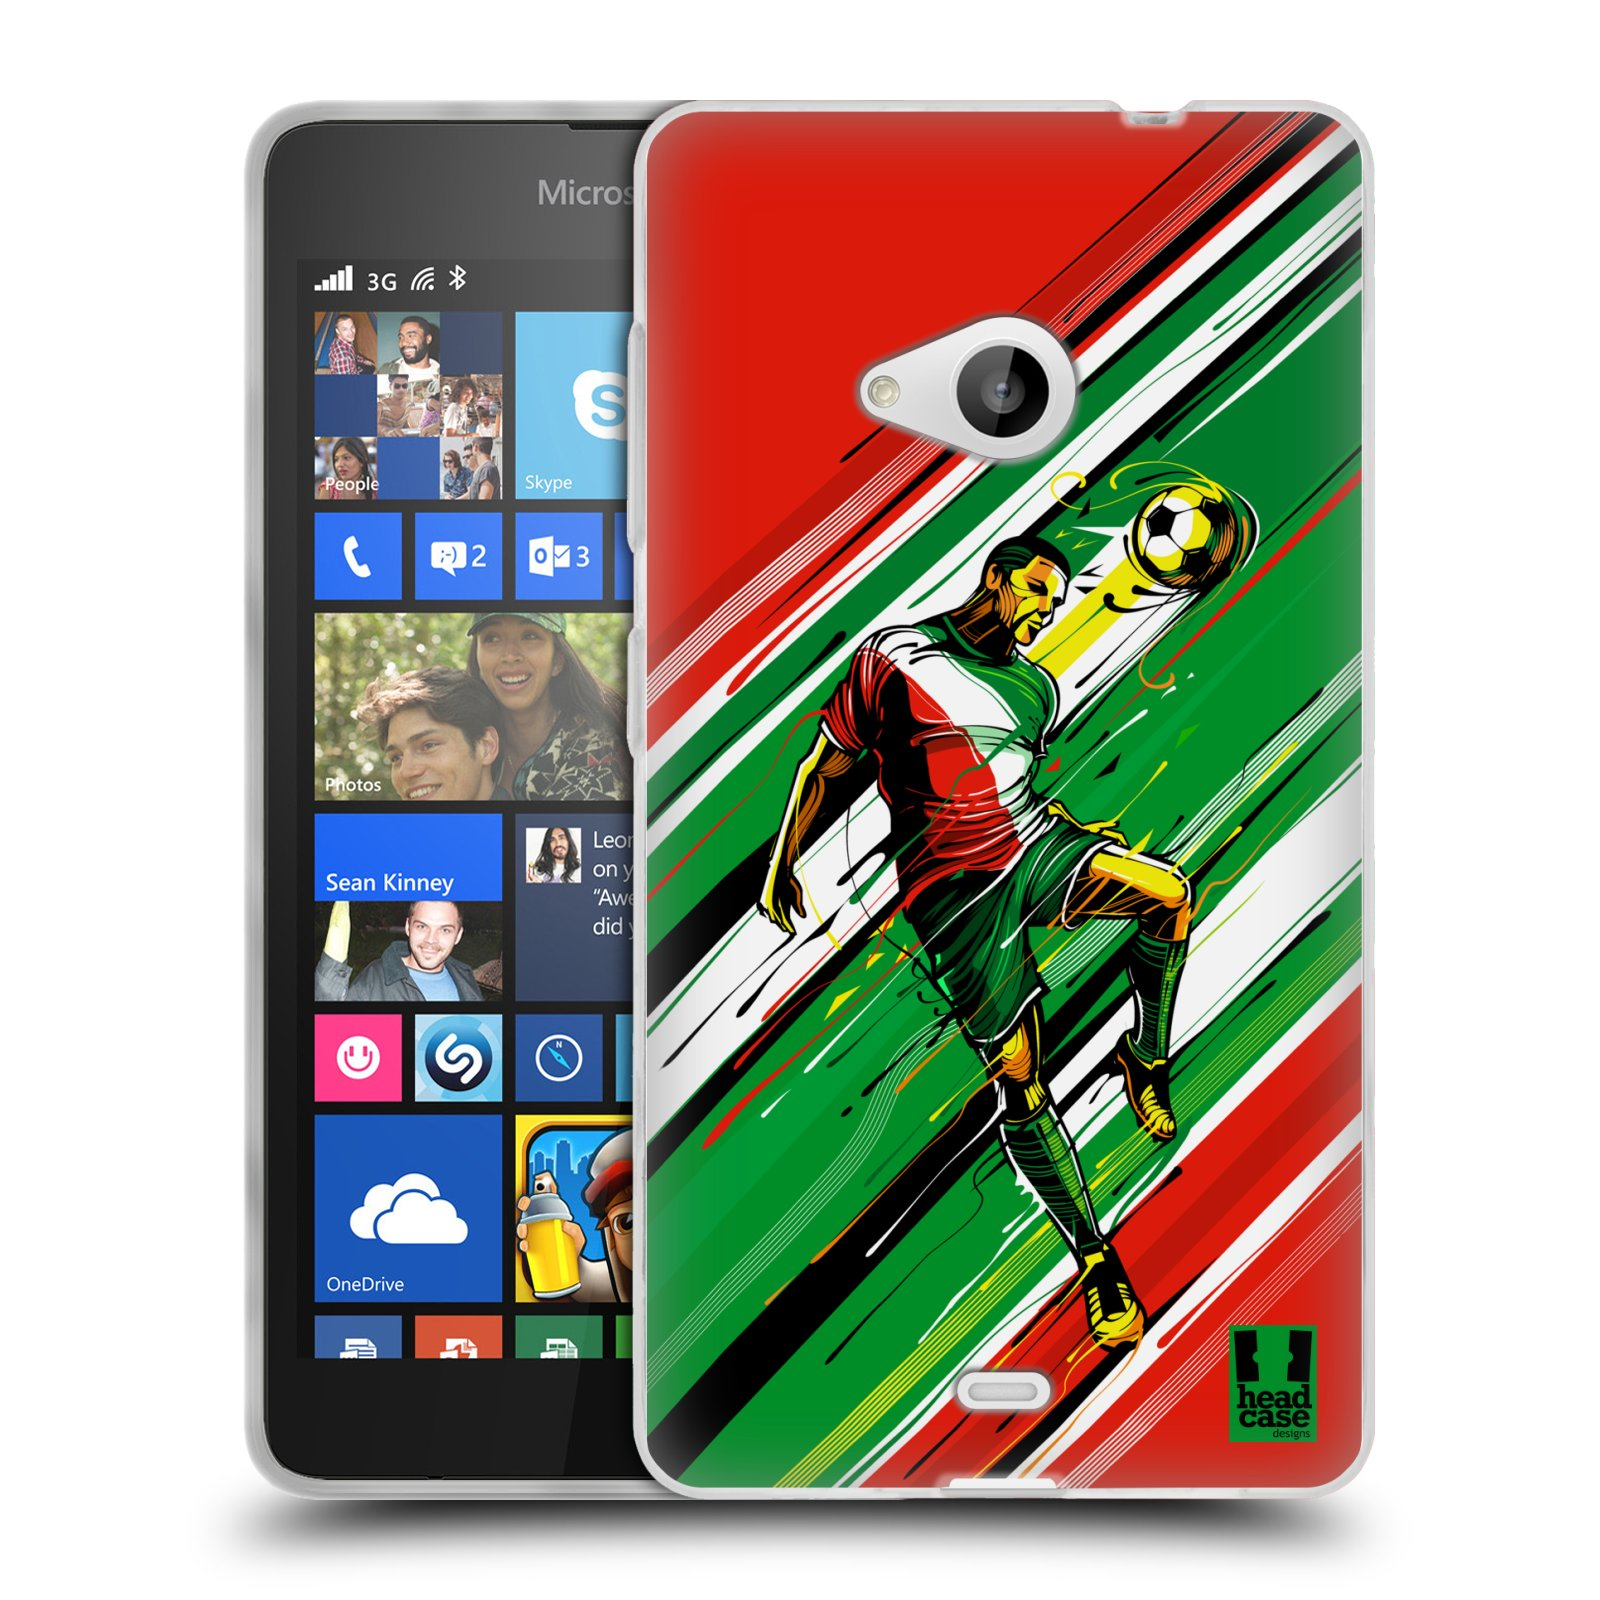 Silikonové pouzdro na mobil Microsoft Lumia 535 HEAD CASE HLAVIČKA (Silikonový kryt či obal na mobilní telefon Microsoft Lumia 535)